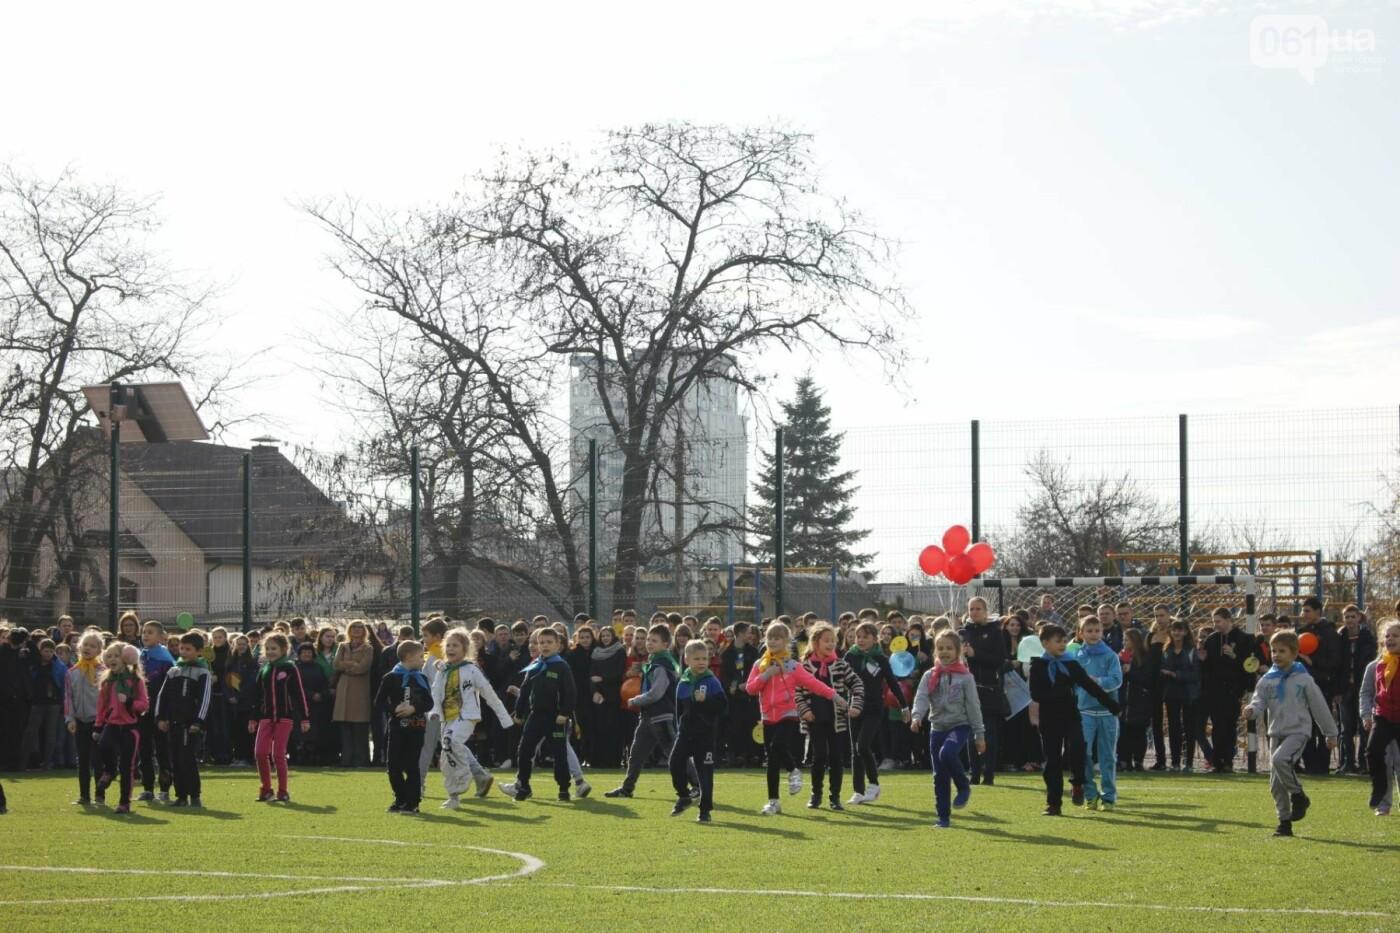 В Бородинском микрорайоне открыли школьный стадион: как это выглядит, - ФОТОРЕПОРТАЖ, фото-3